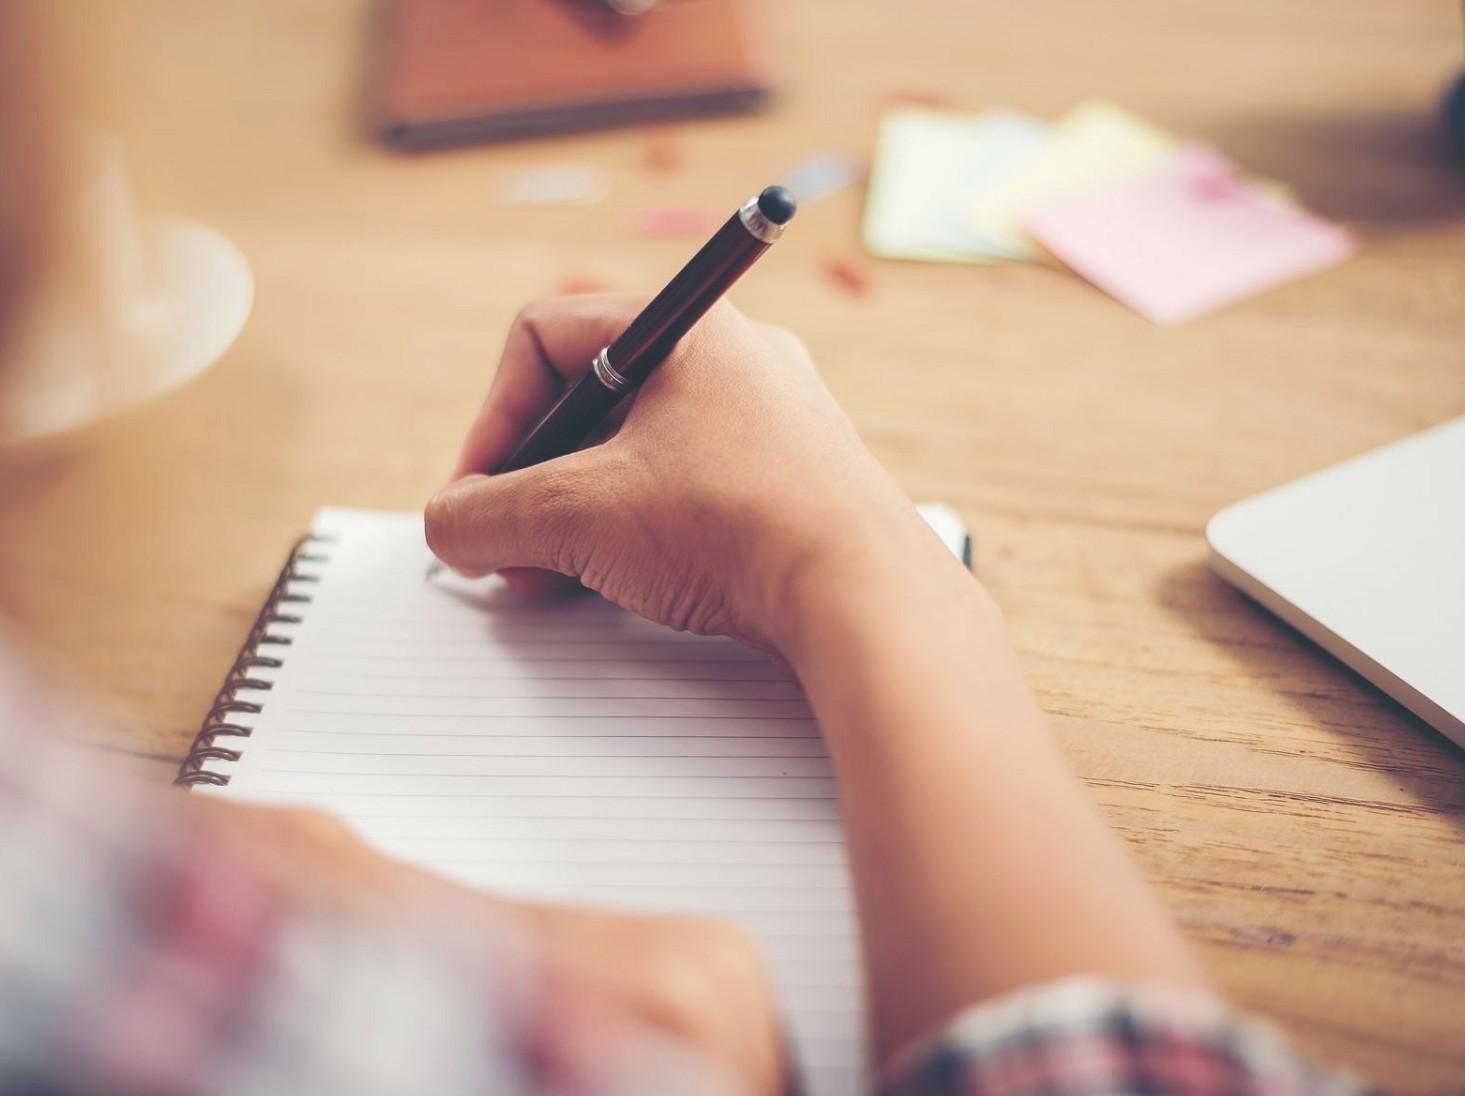 Scrittura privata come si fa. Le regole e leggi perchè sia valida